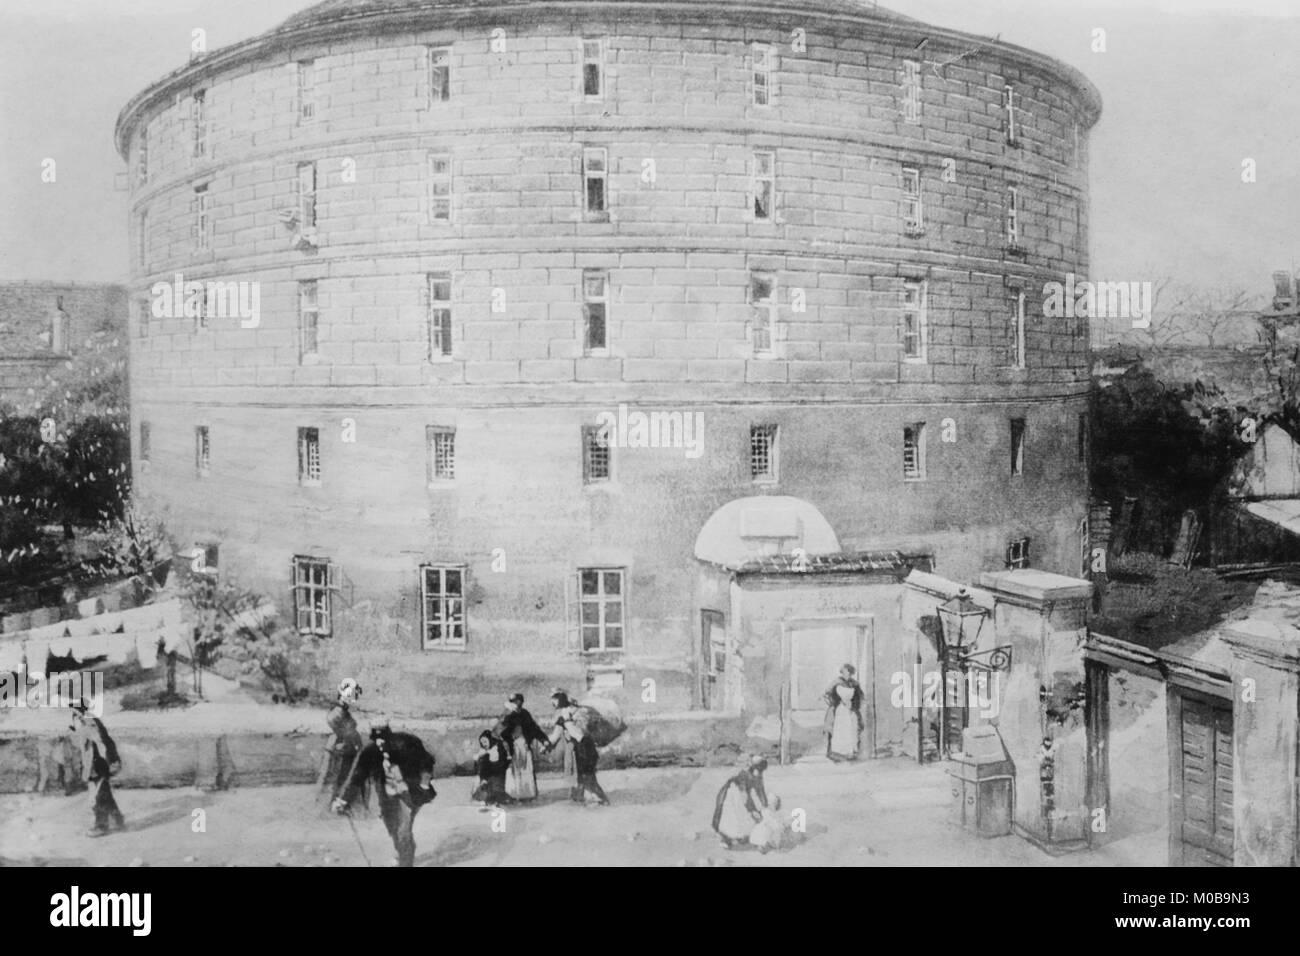 Narr der Tower oder die auf dem Gebäude oder kreisförmige Gebäude für die Wahnsinnige Stockbild